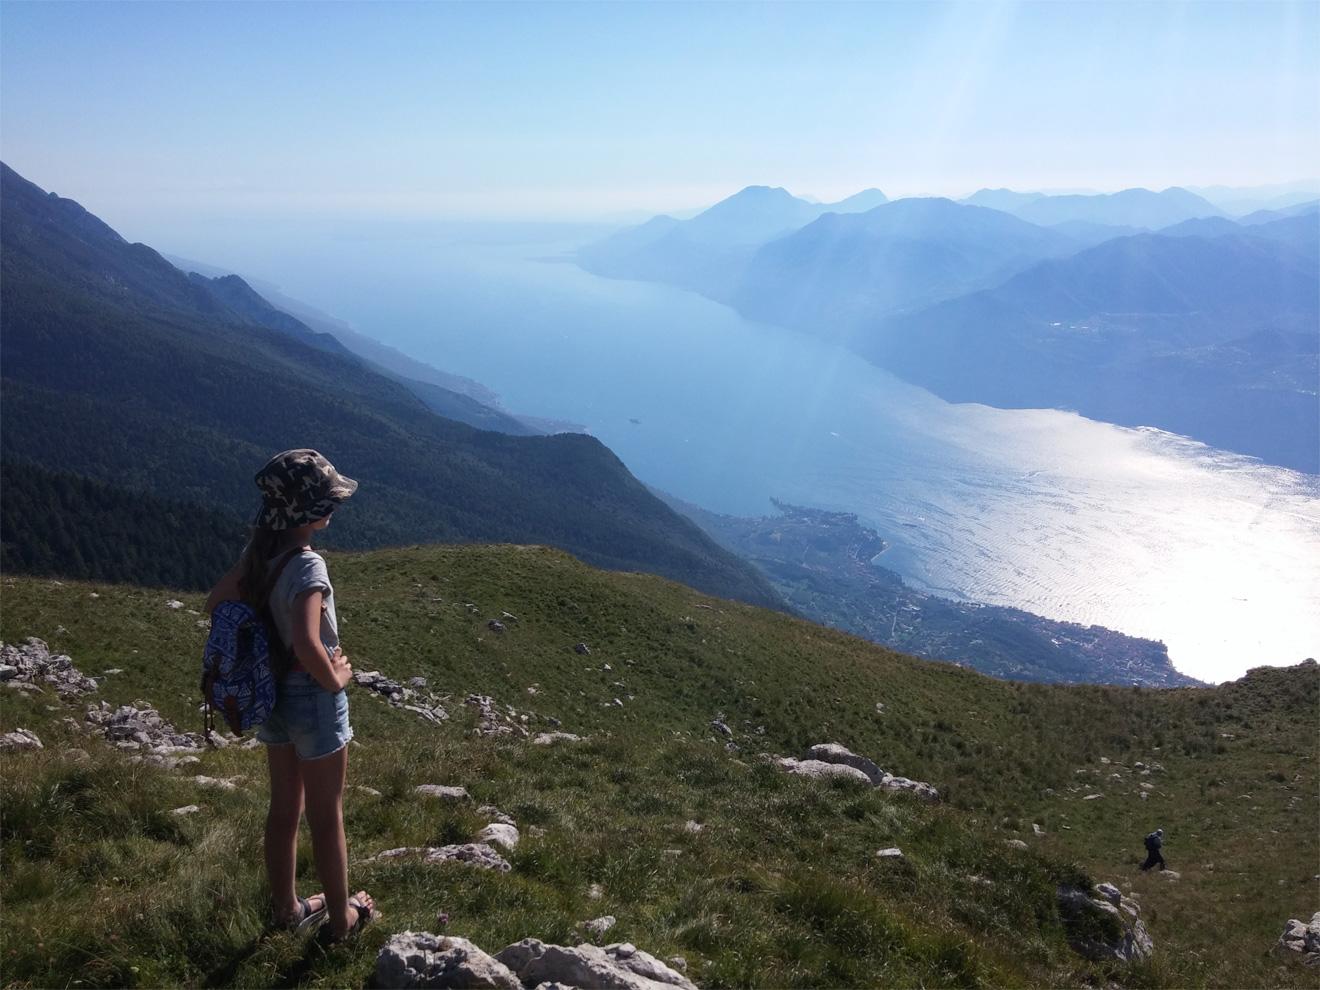 אגם גרדה מונטה באלדו. חופשה משפחתית בצפון איטליה. הבלוג של רונית כפיר